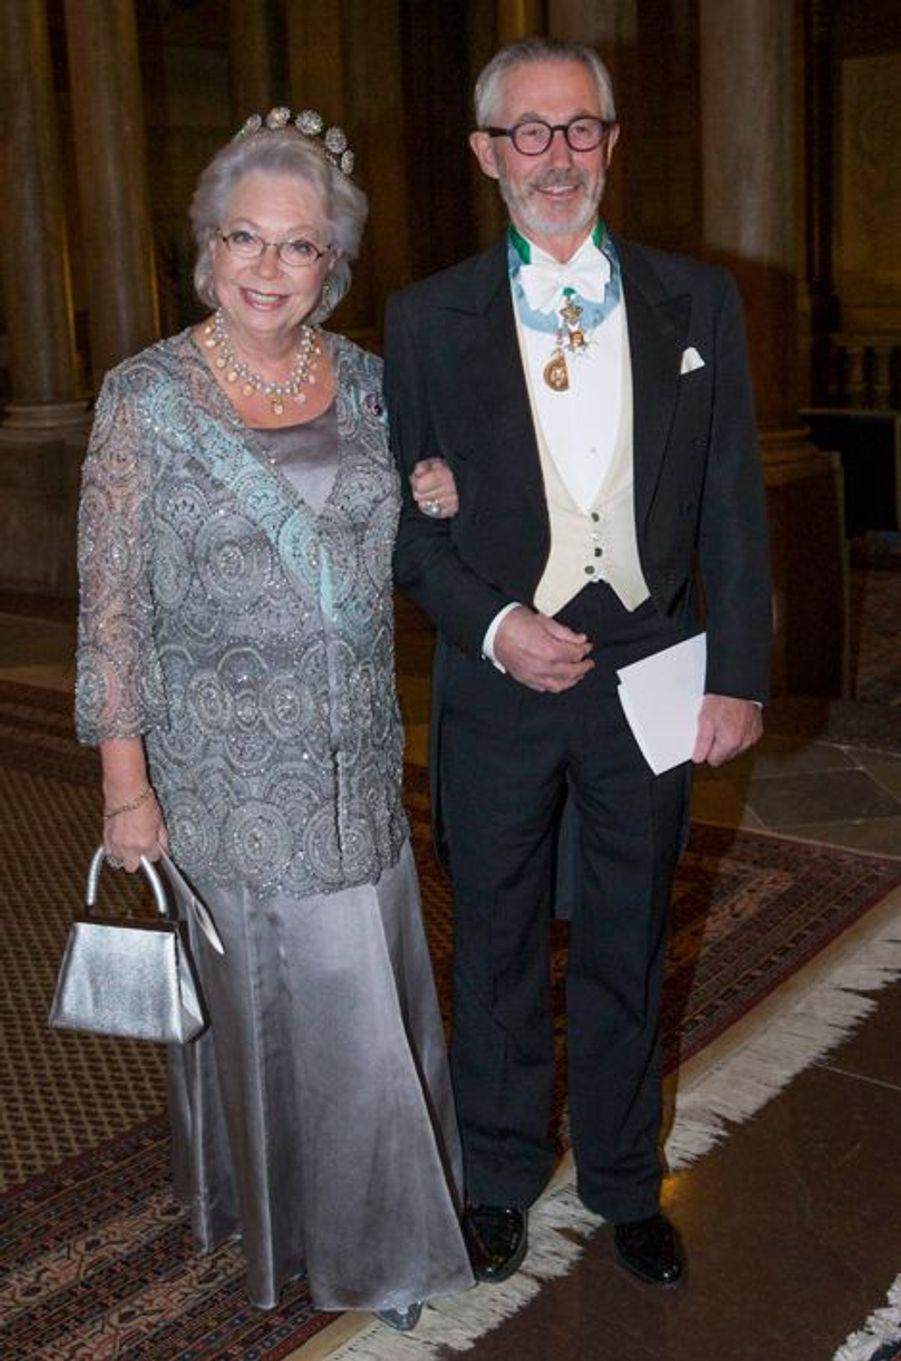 La princesse Christina de Suède et Tord Magnuson, son mari, au palais royal à Stockholm, le 11 décembre 2014